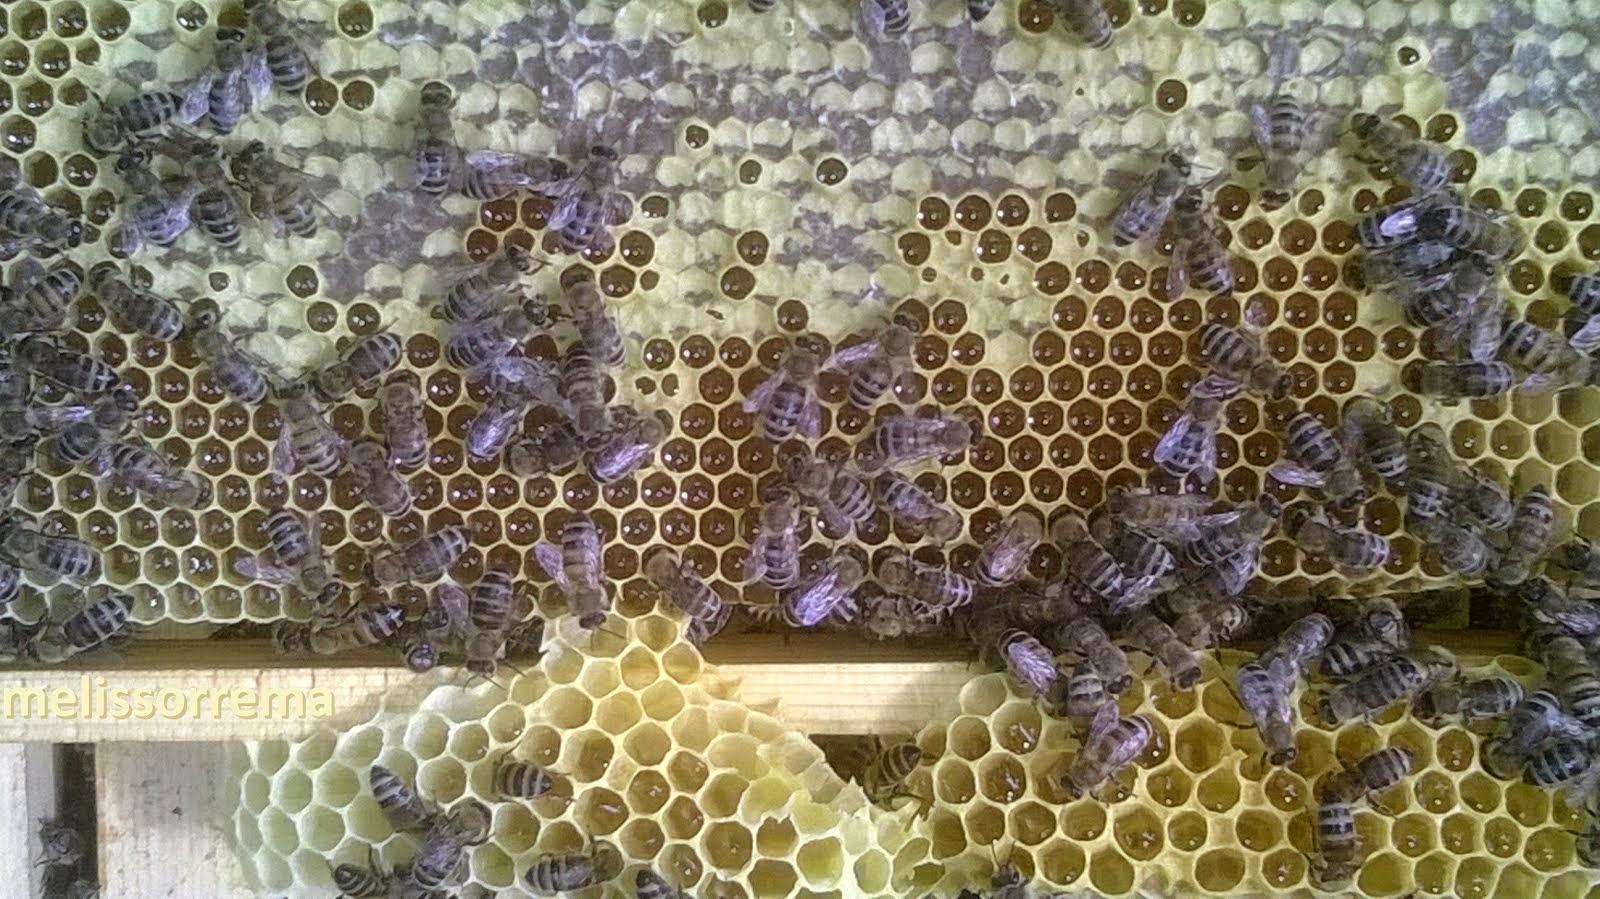 μελι απο παλιούρι   2014